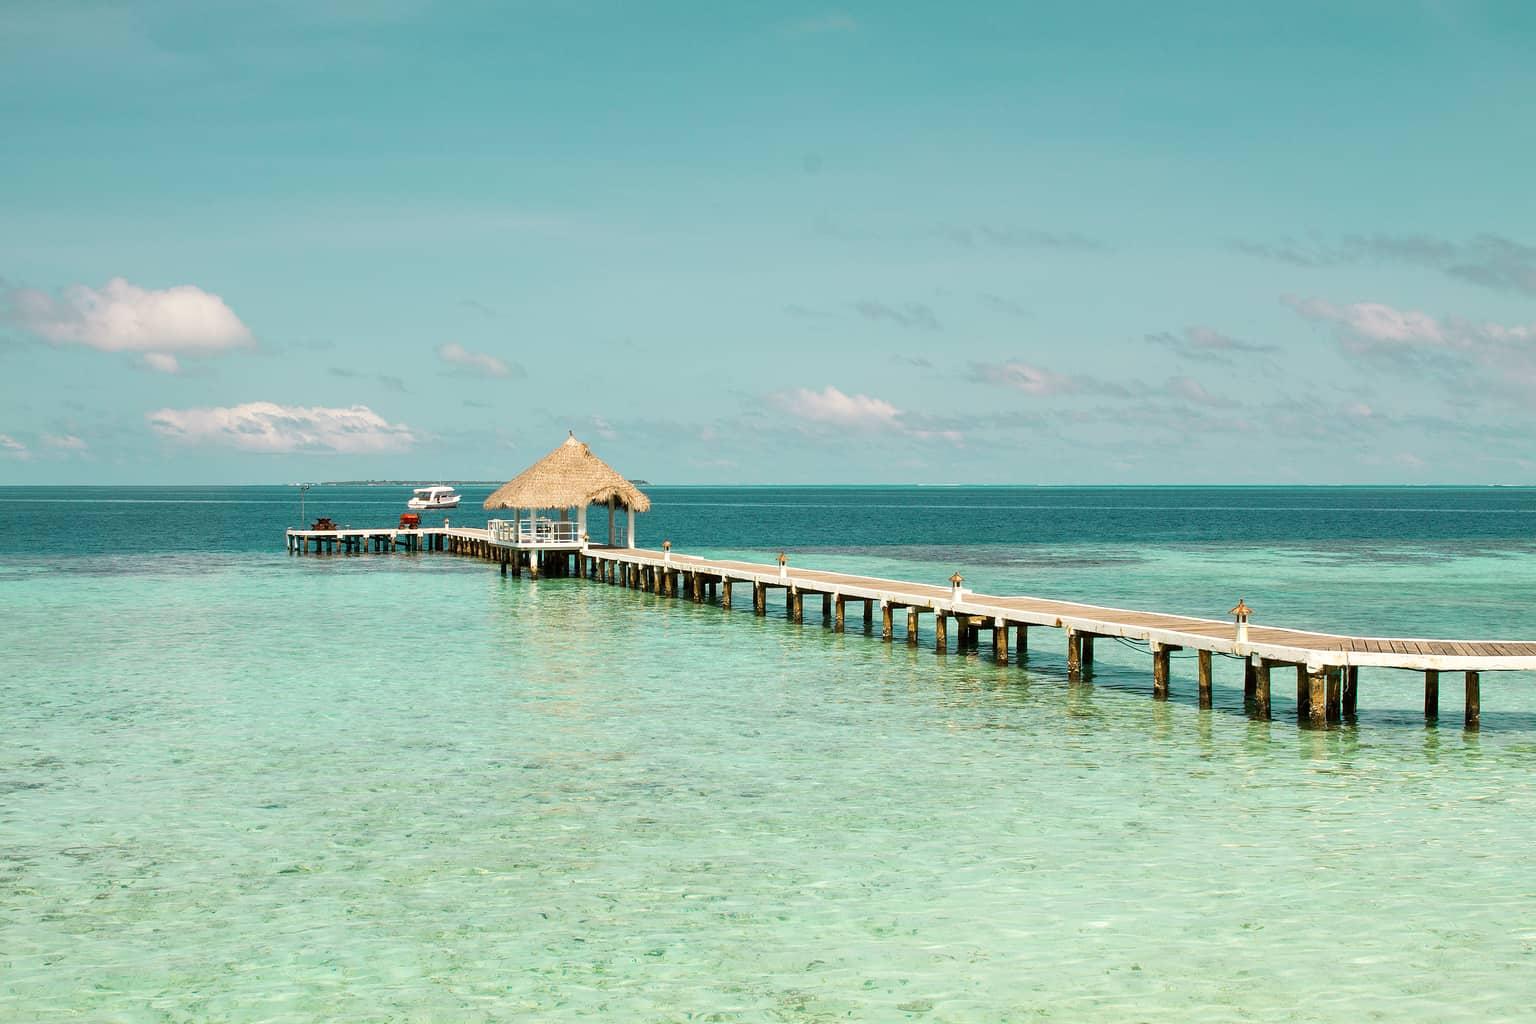 Maldives Diving Holiday Eriyadu Island pier ocean